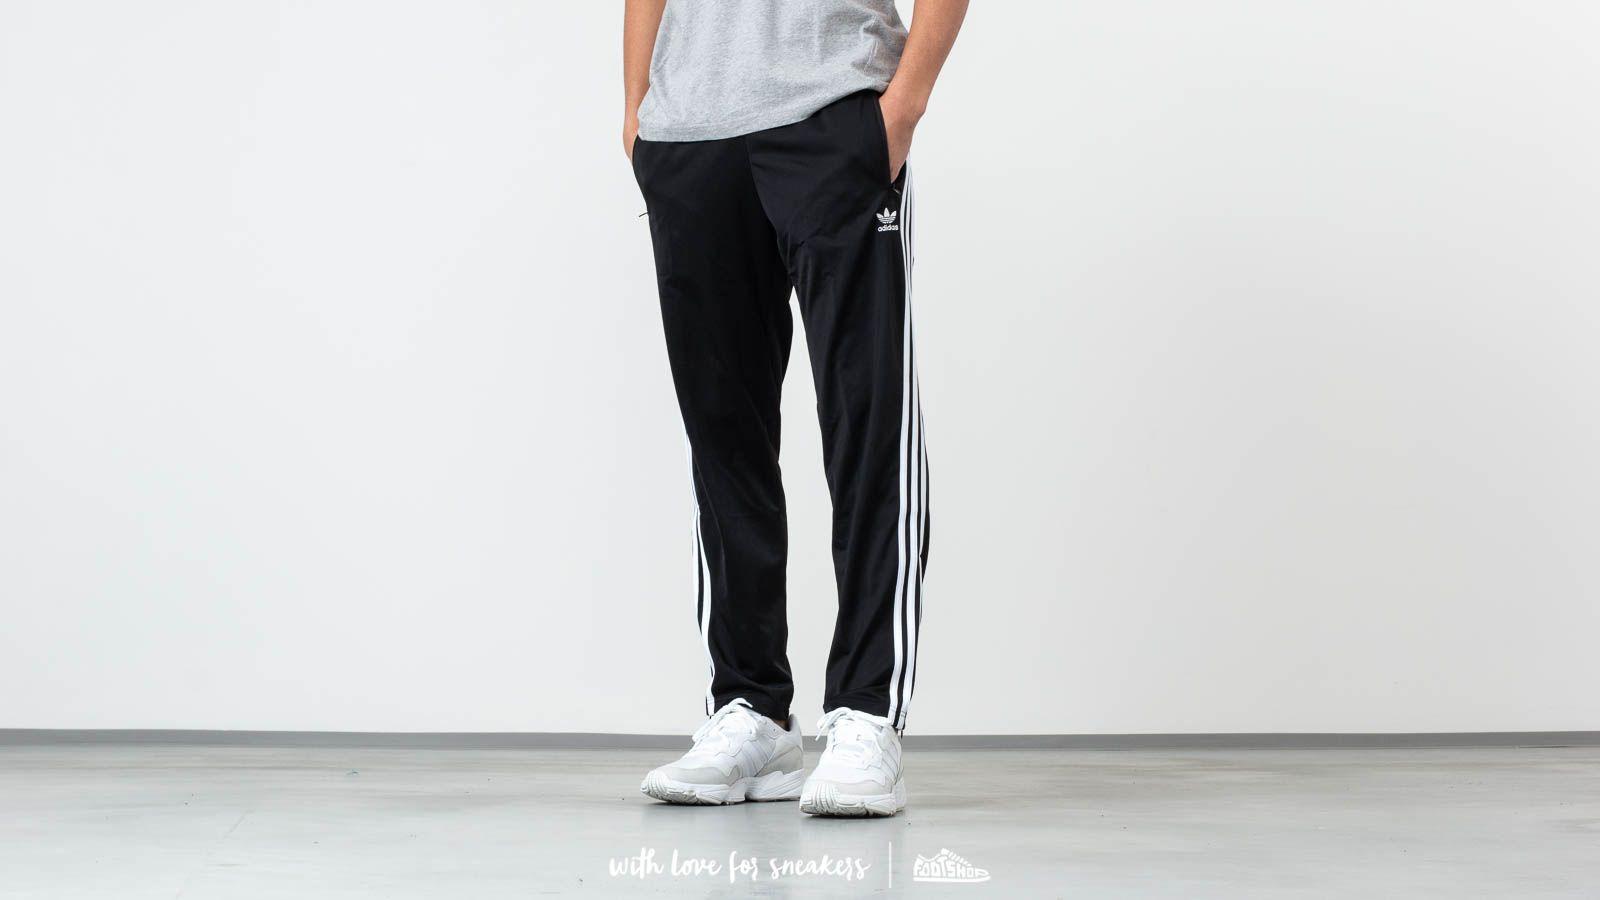 firebird pants adidas